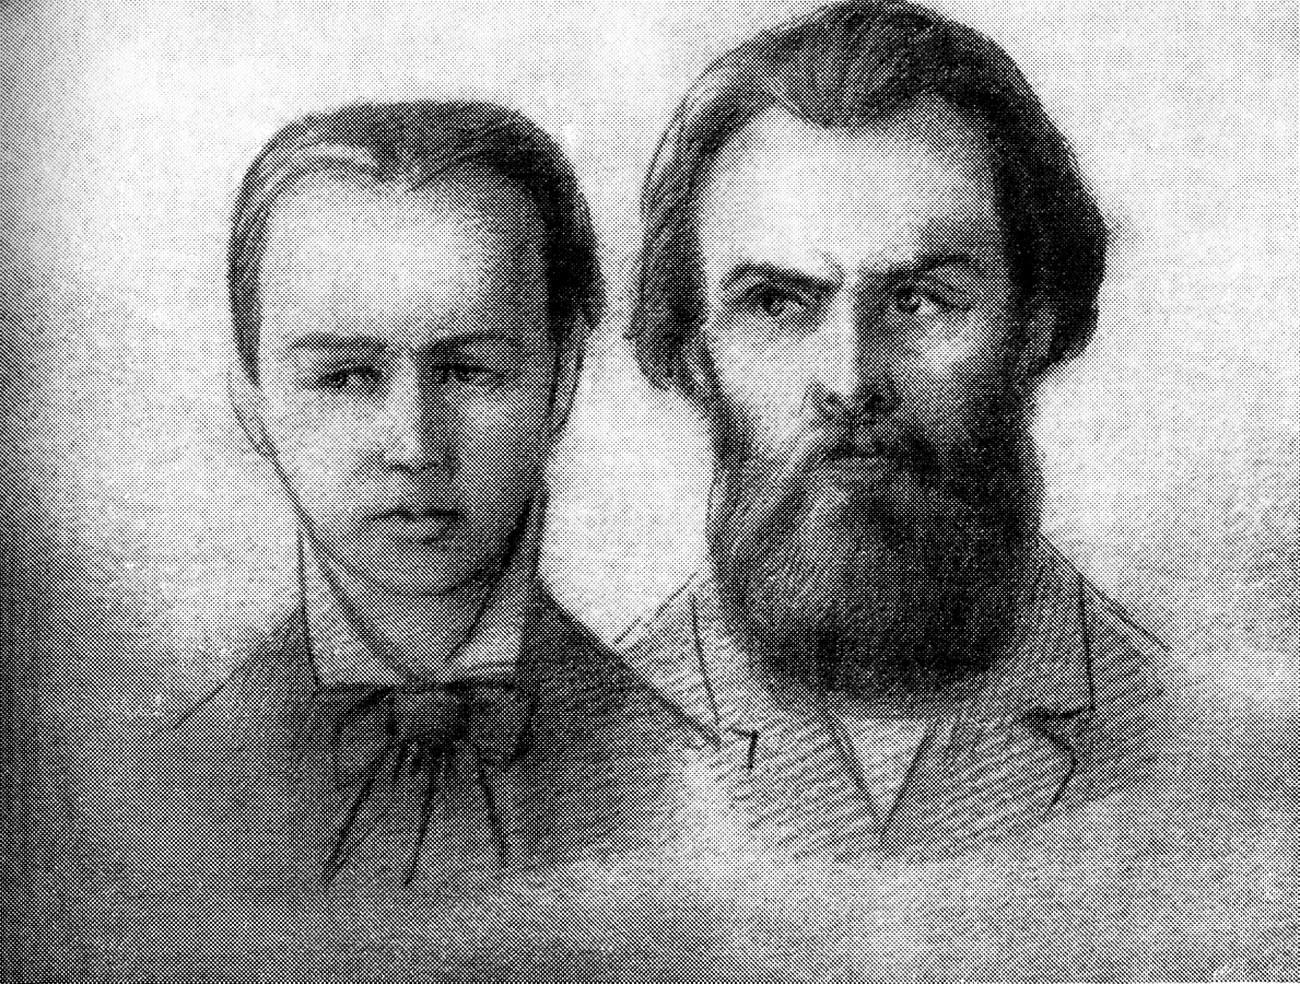 Андрей Желябов и София Перовская по време на съдебния процес след убийството на Александър II